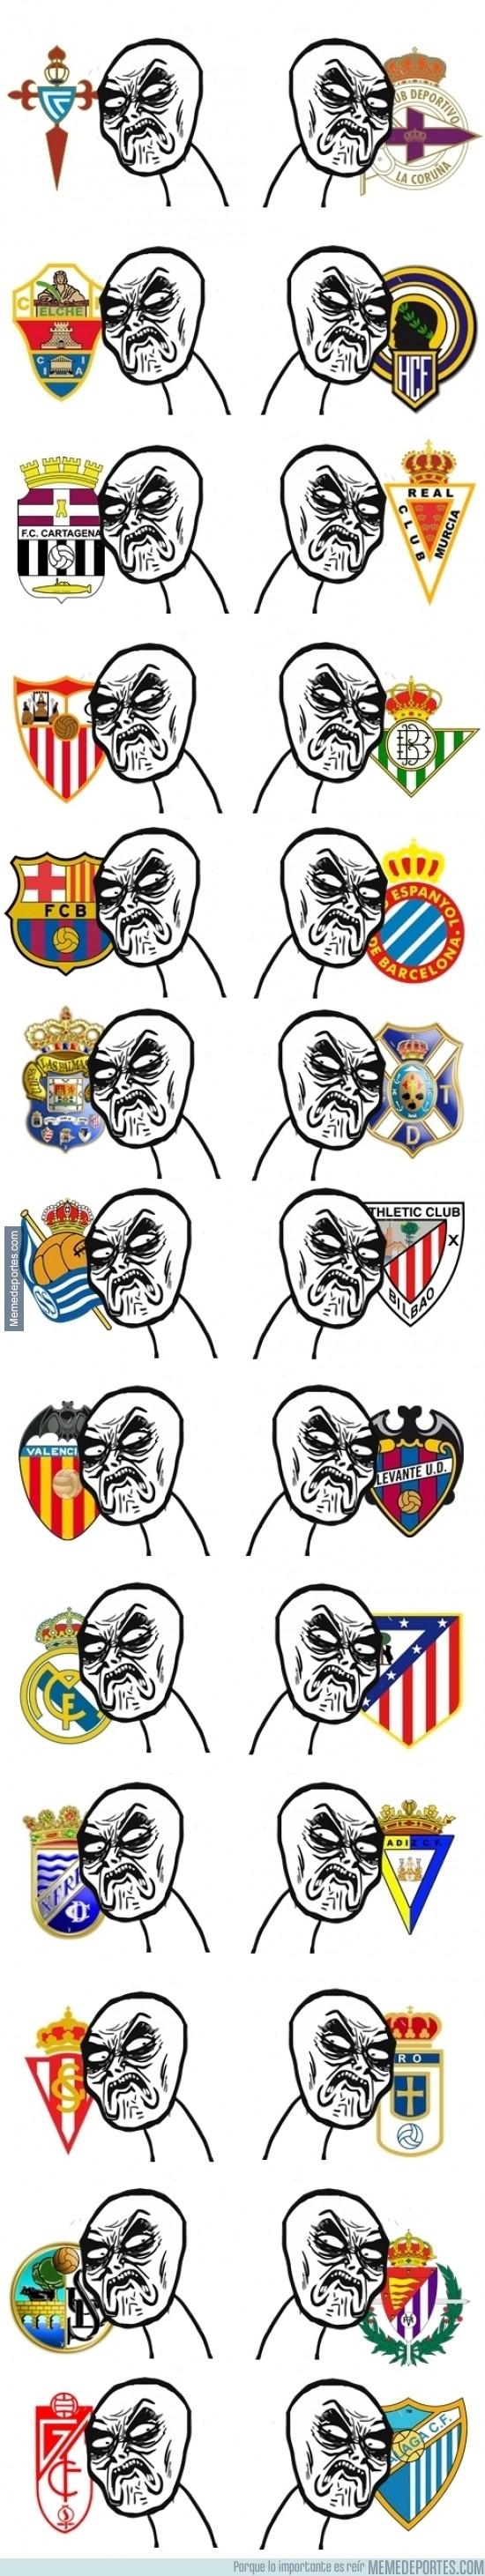 439883 - Clubs rivales. El infinito desprecio en España